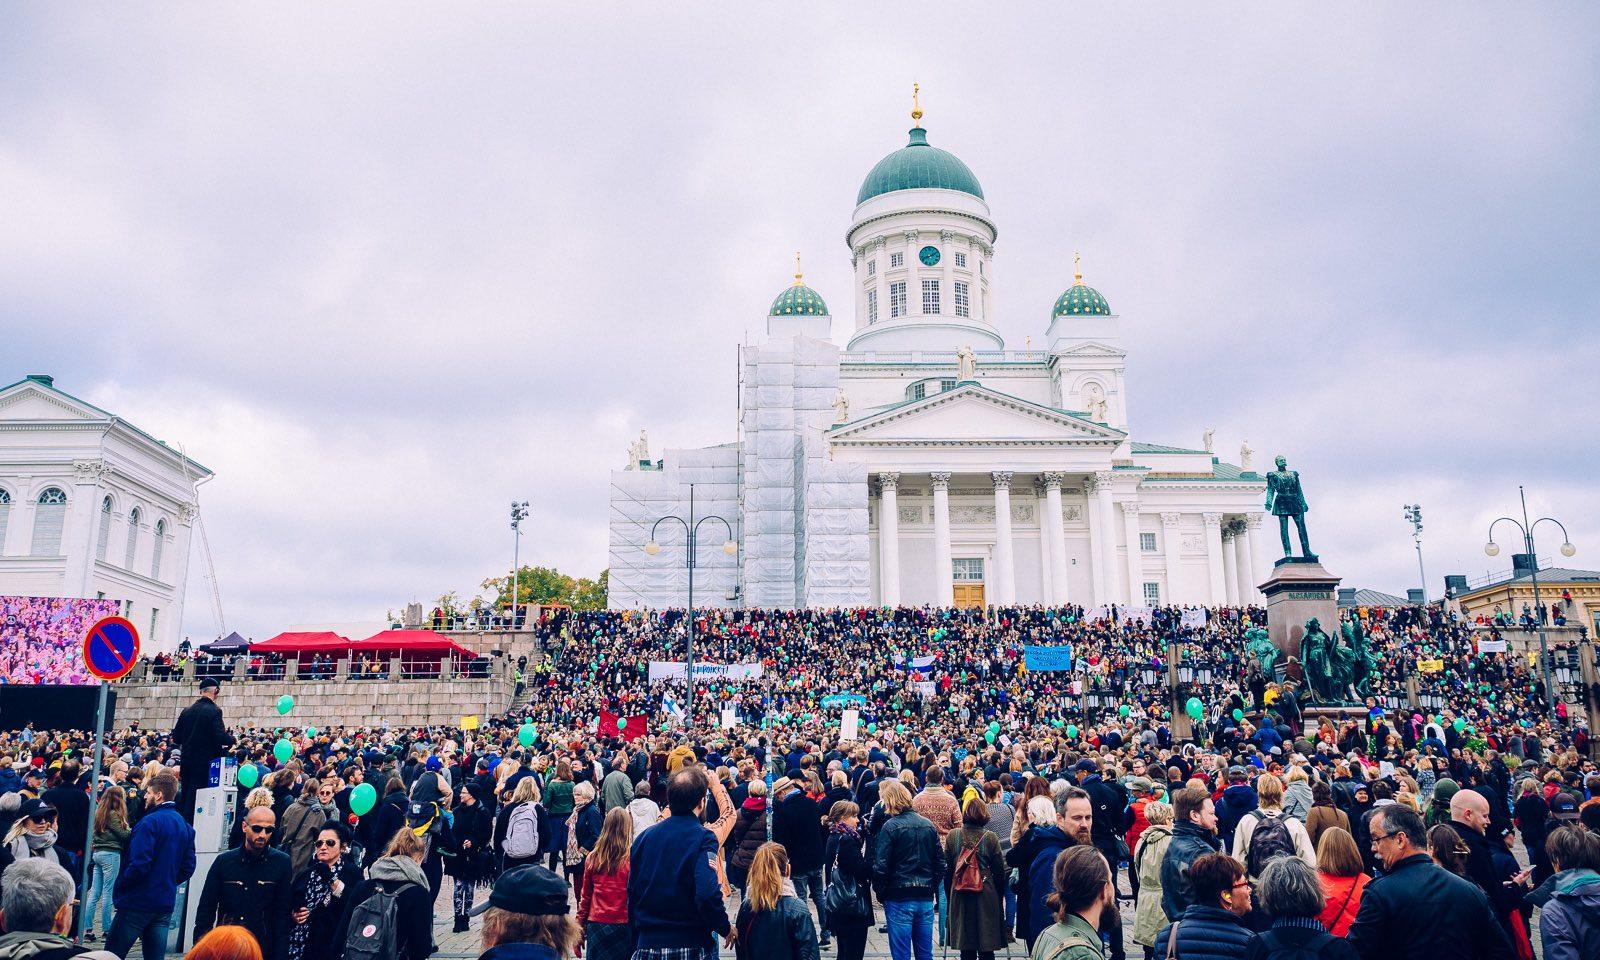 peli-poikki-anti-racist-march-4